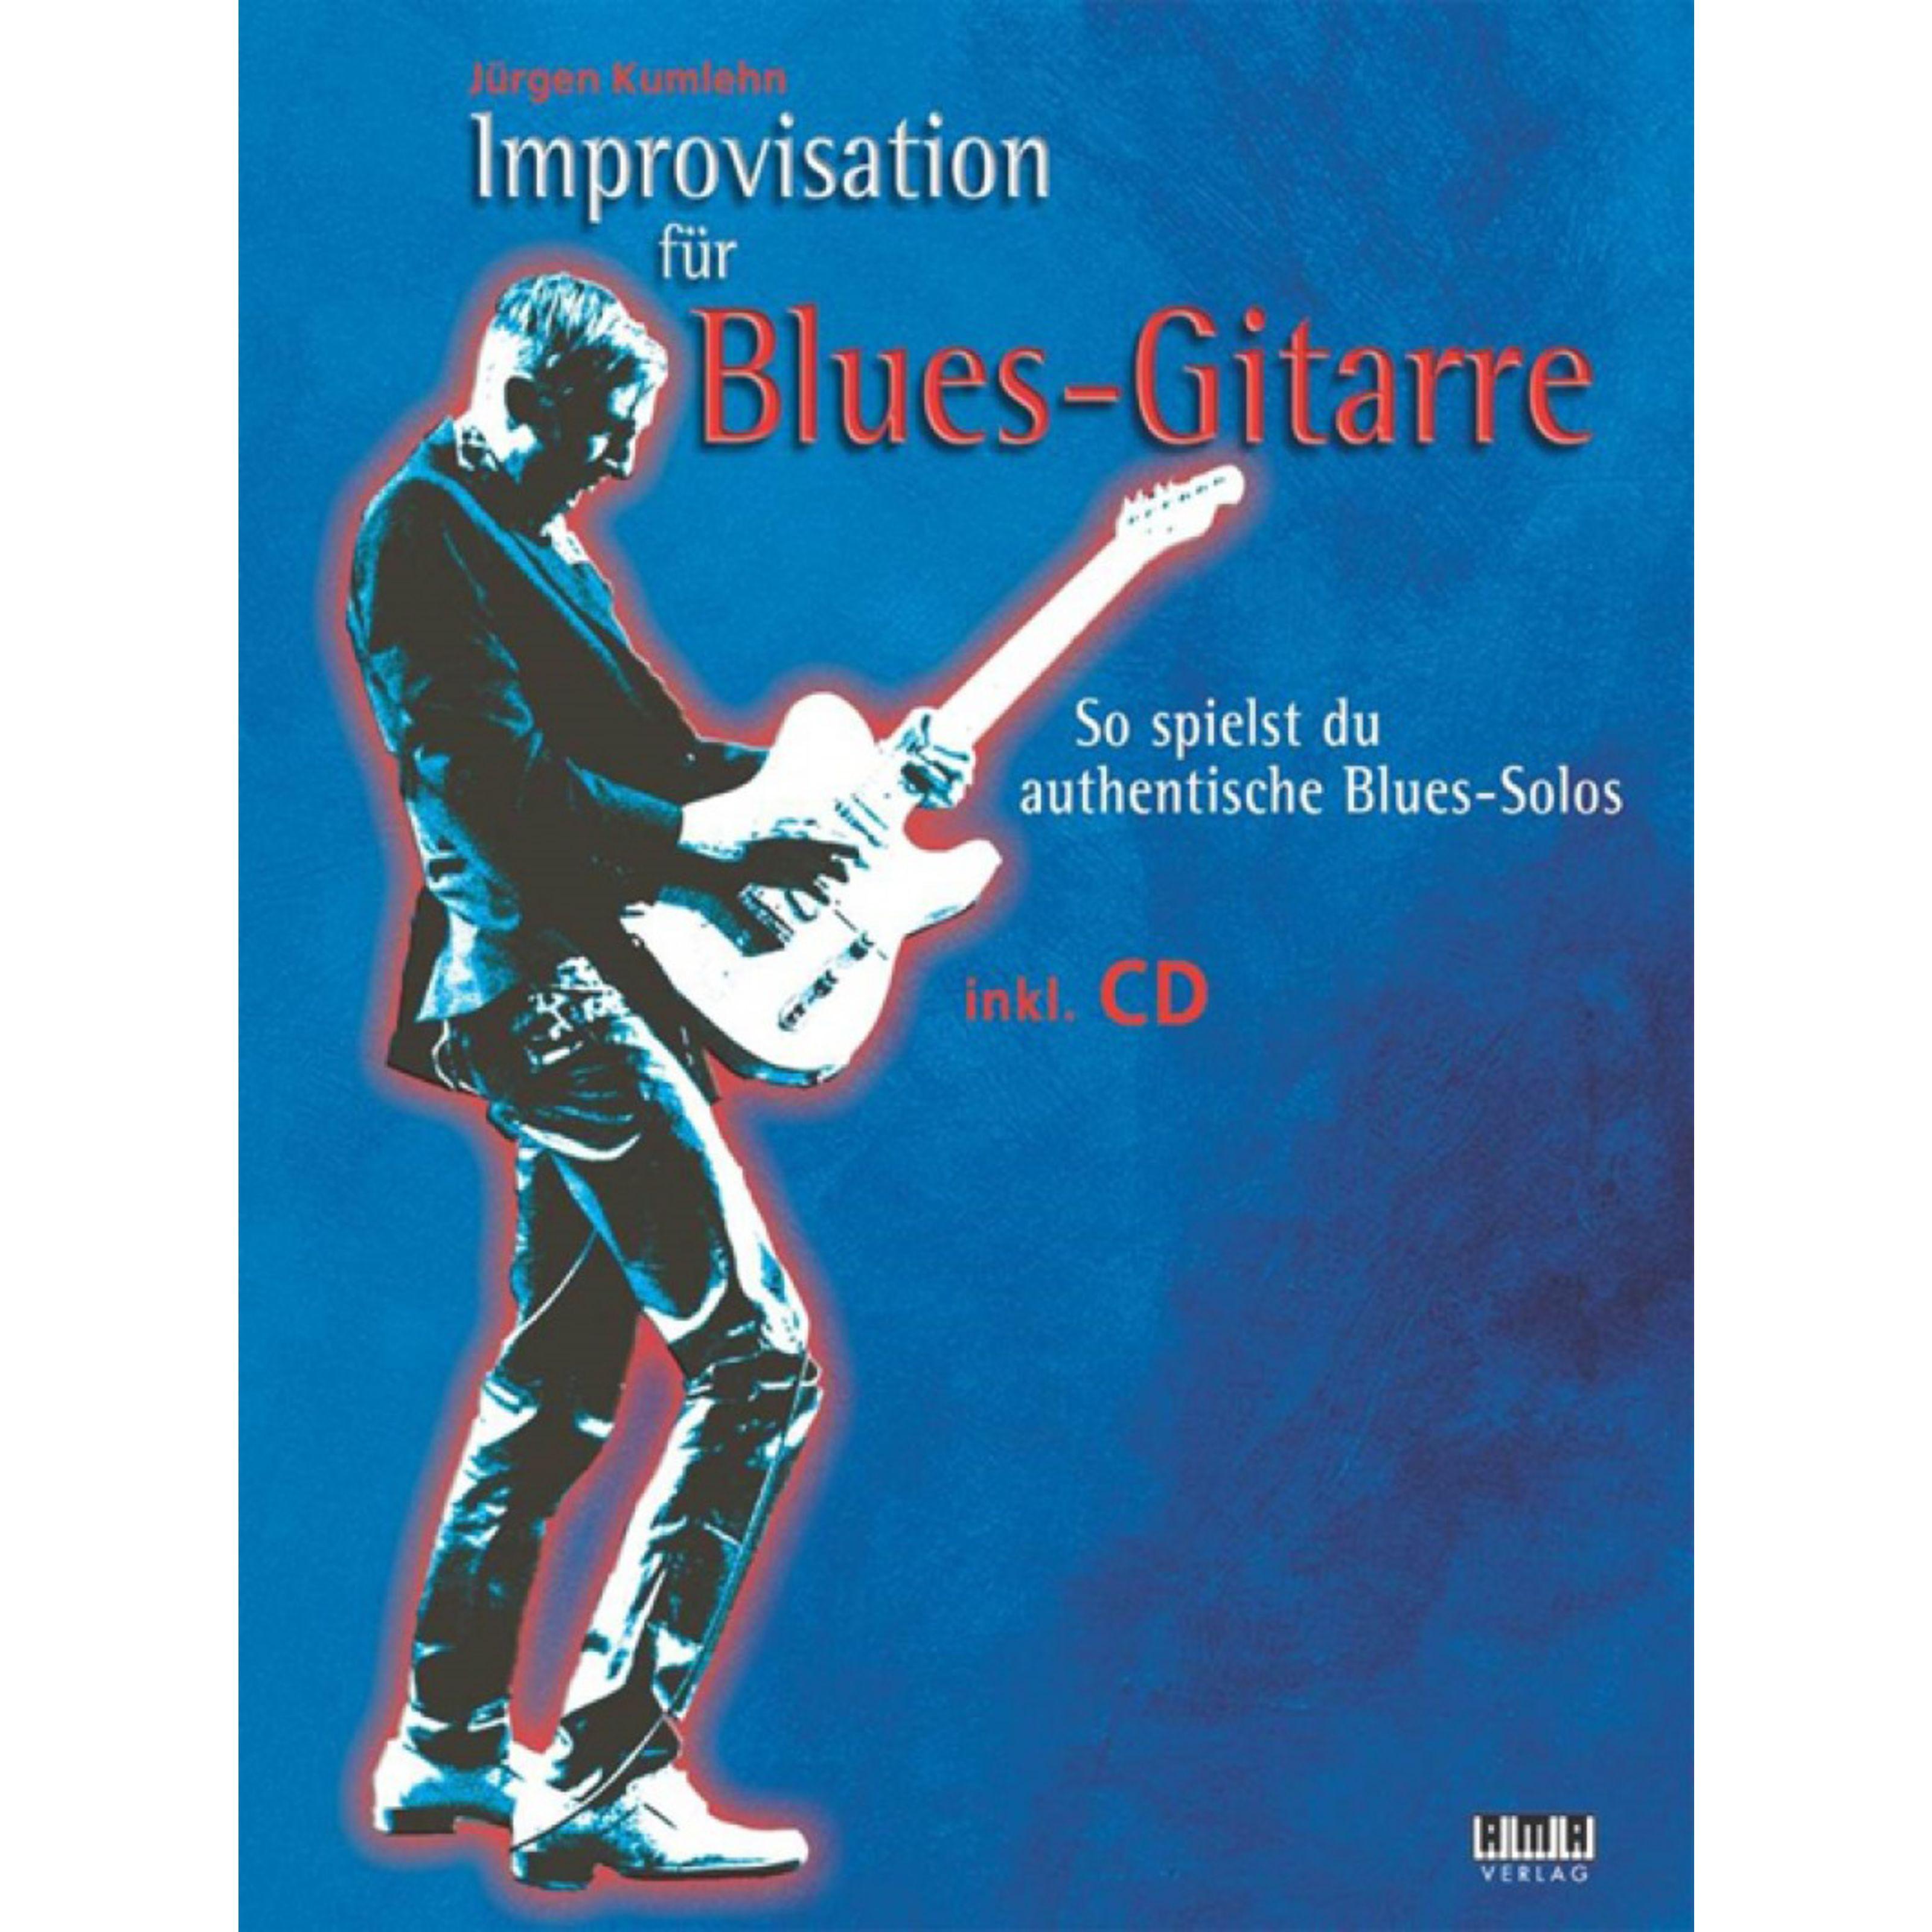 AMA Verlag - Improvisation für Blues-Gitarre 610498